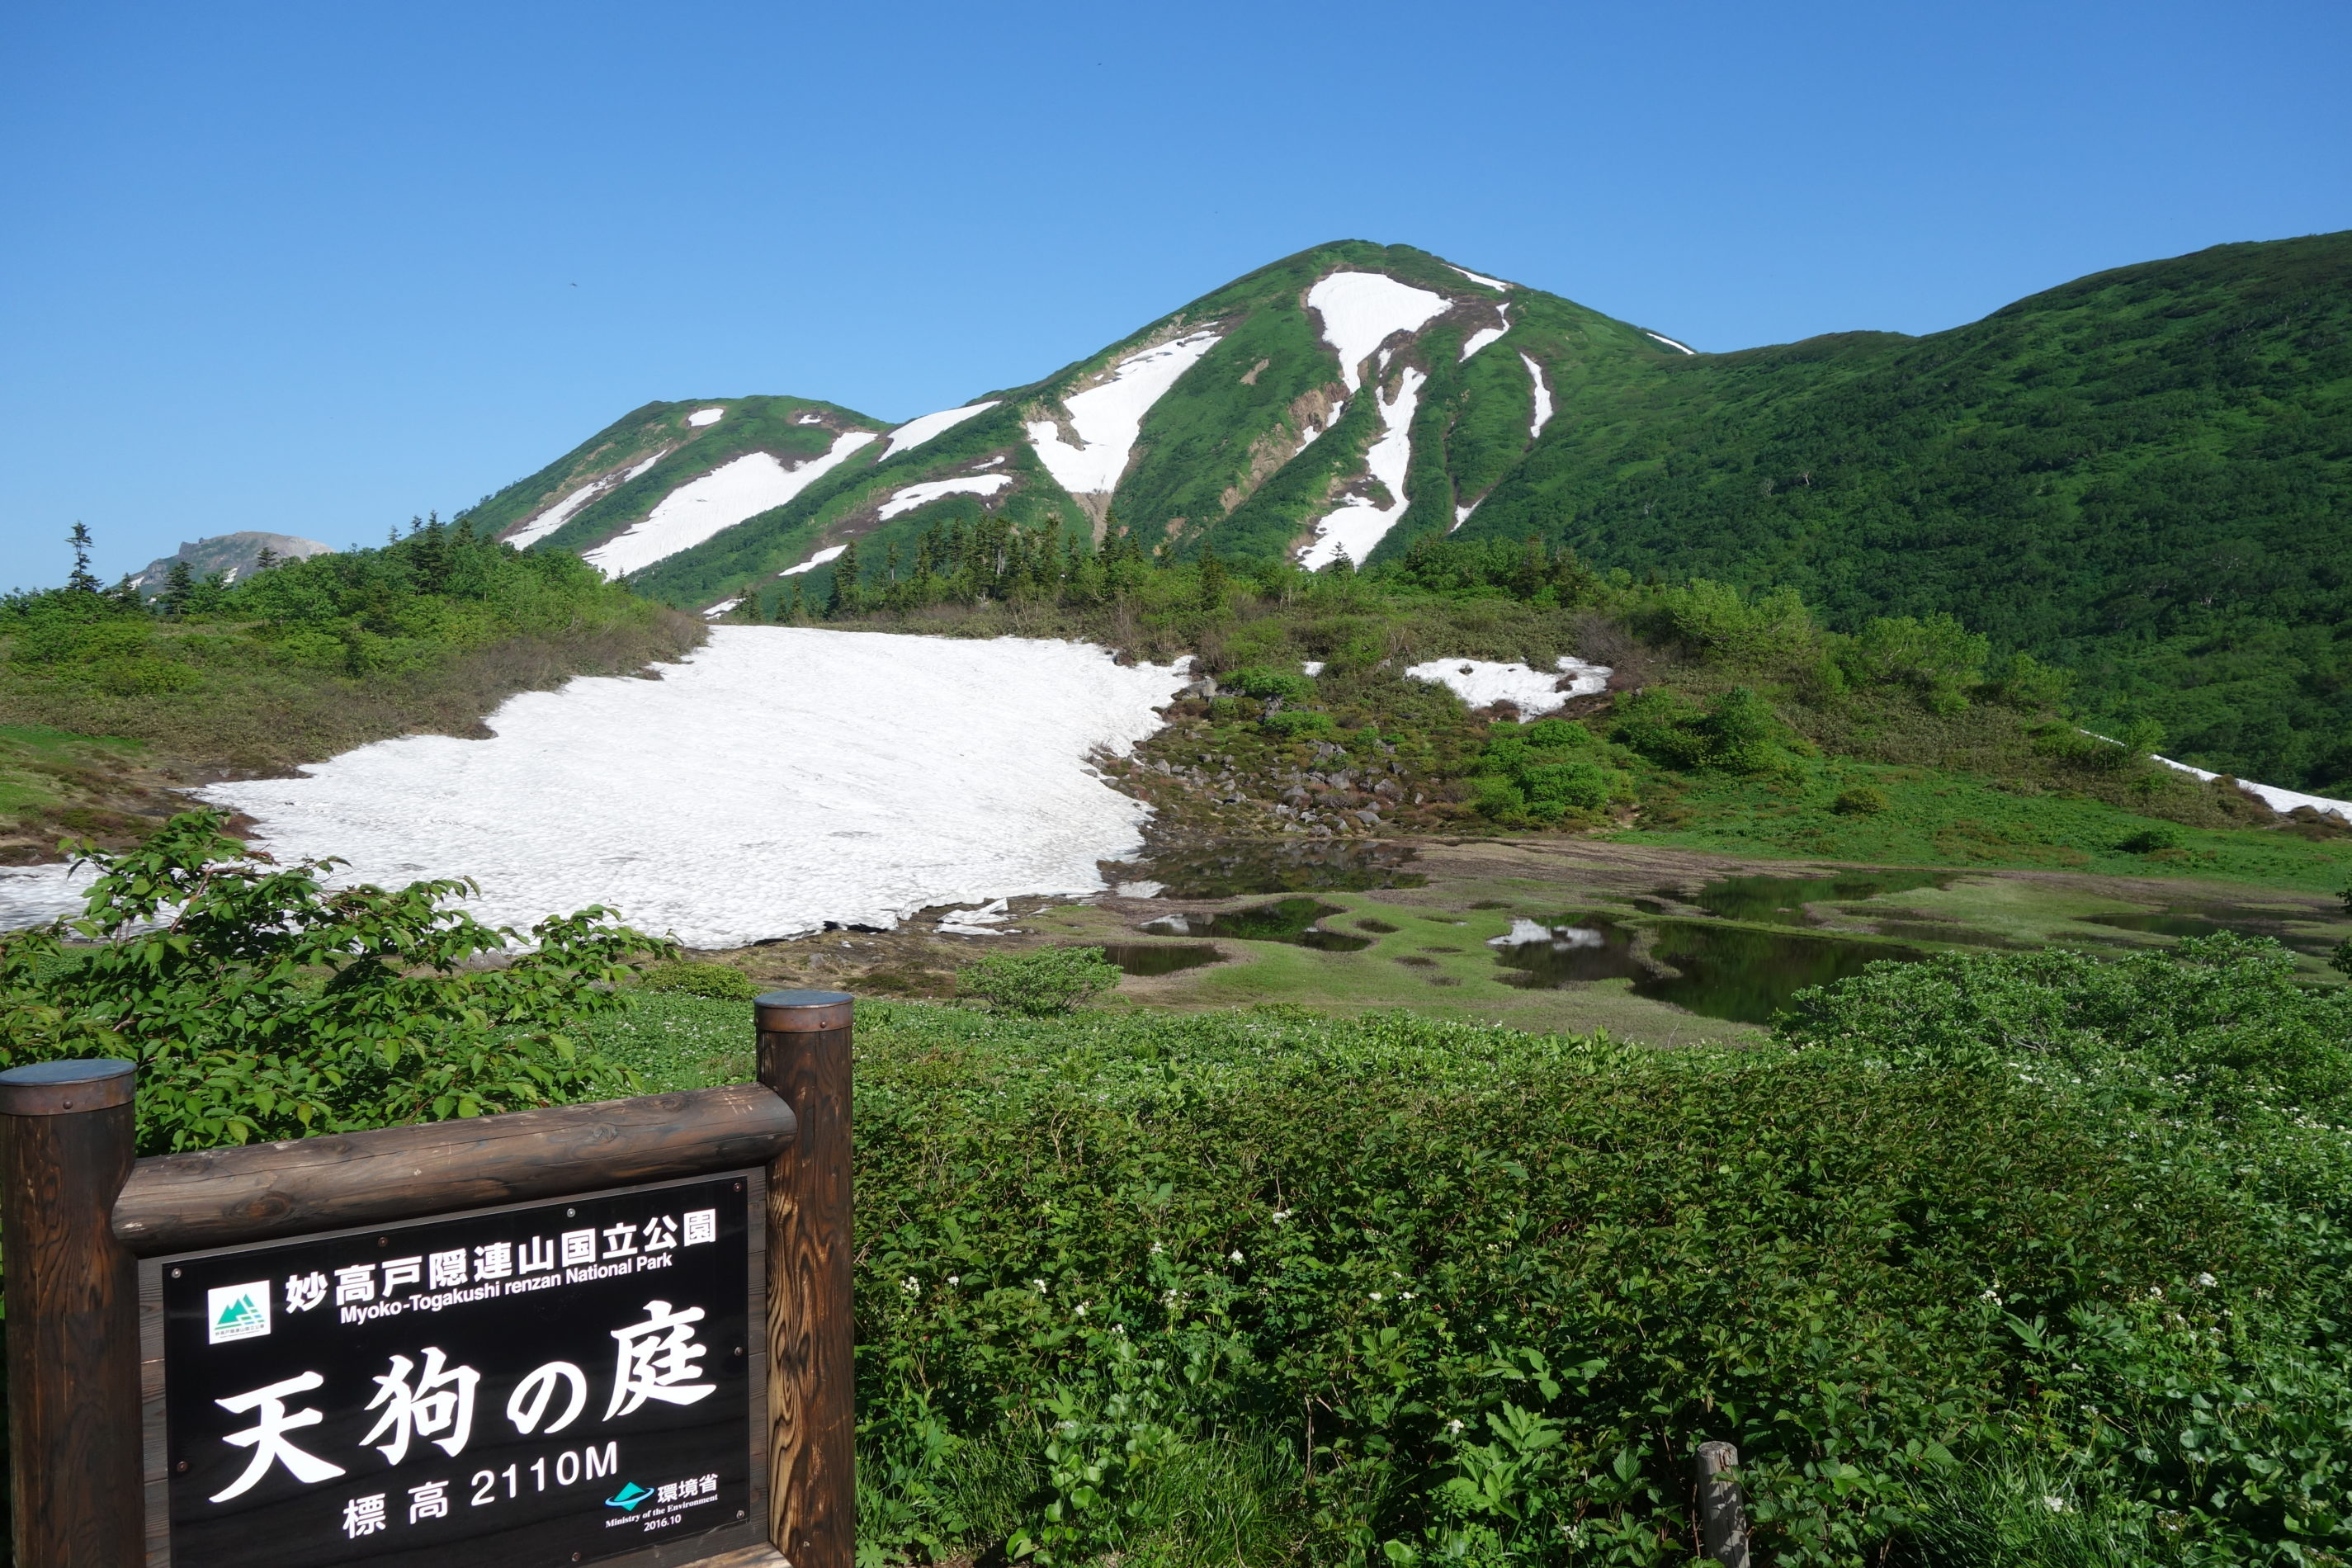 火打山 高谷池ヒュッテ〜火打山 山頂